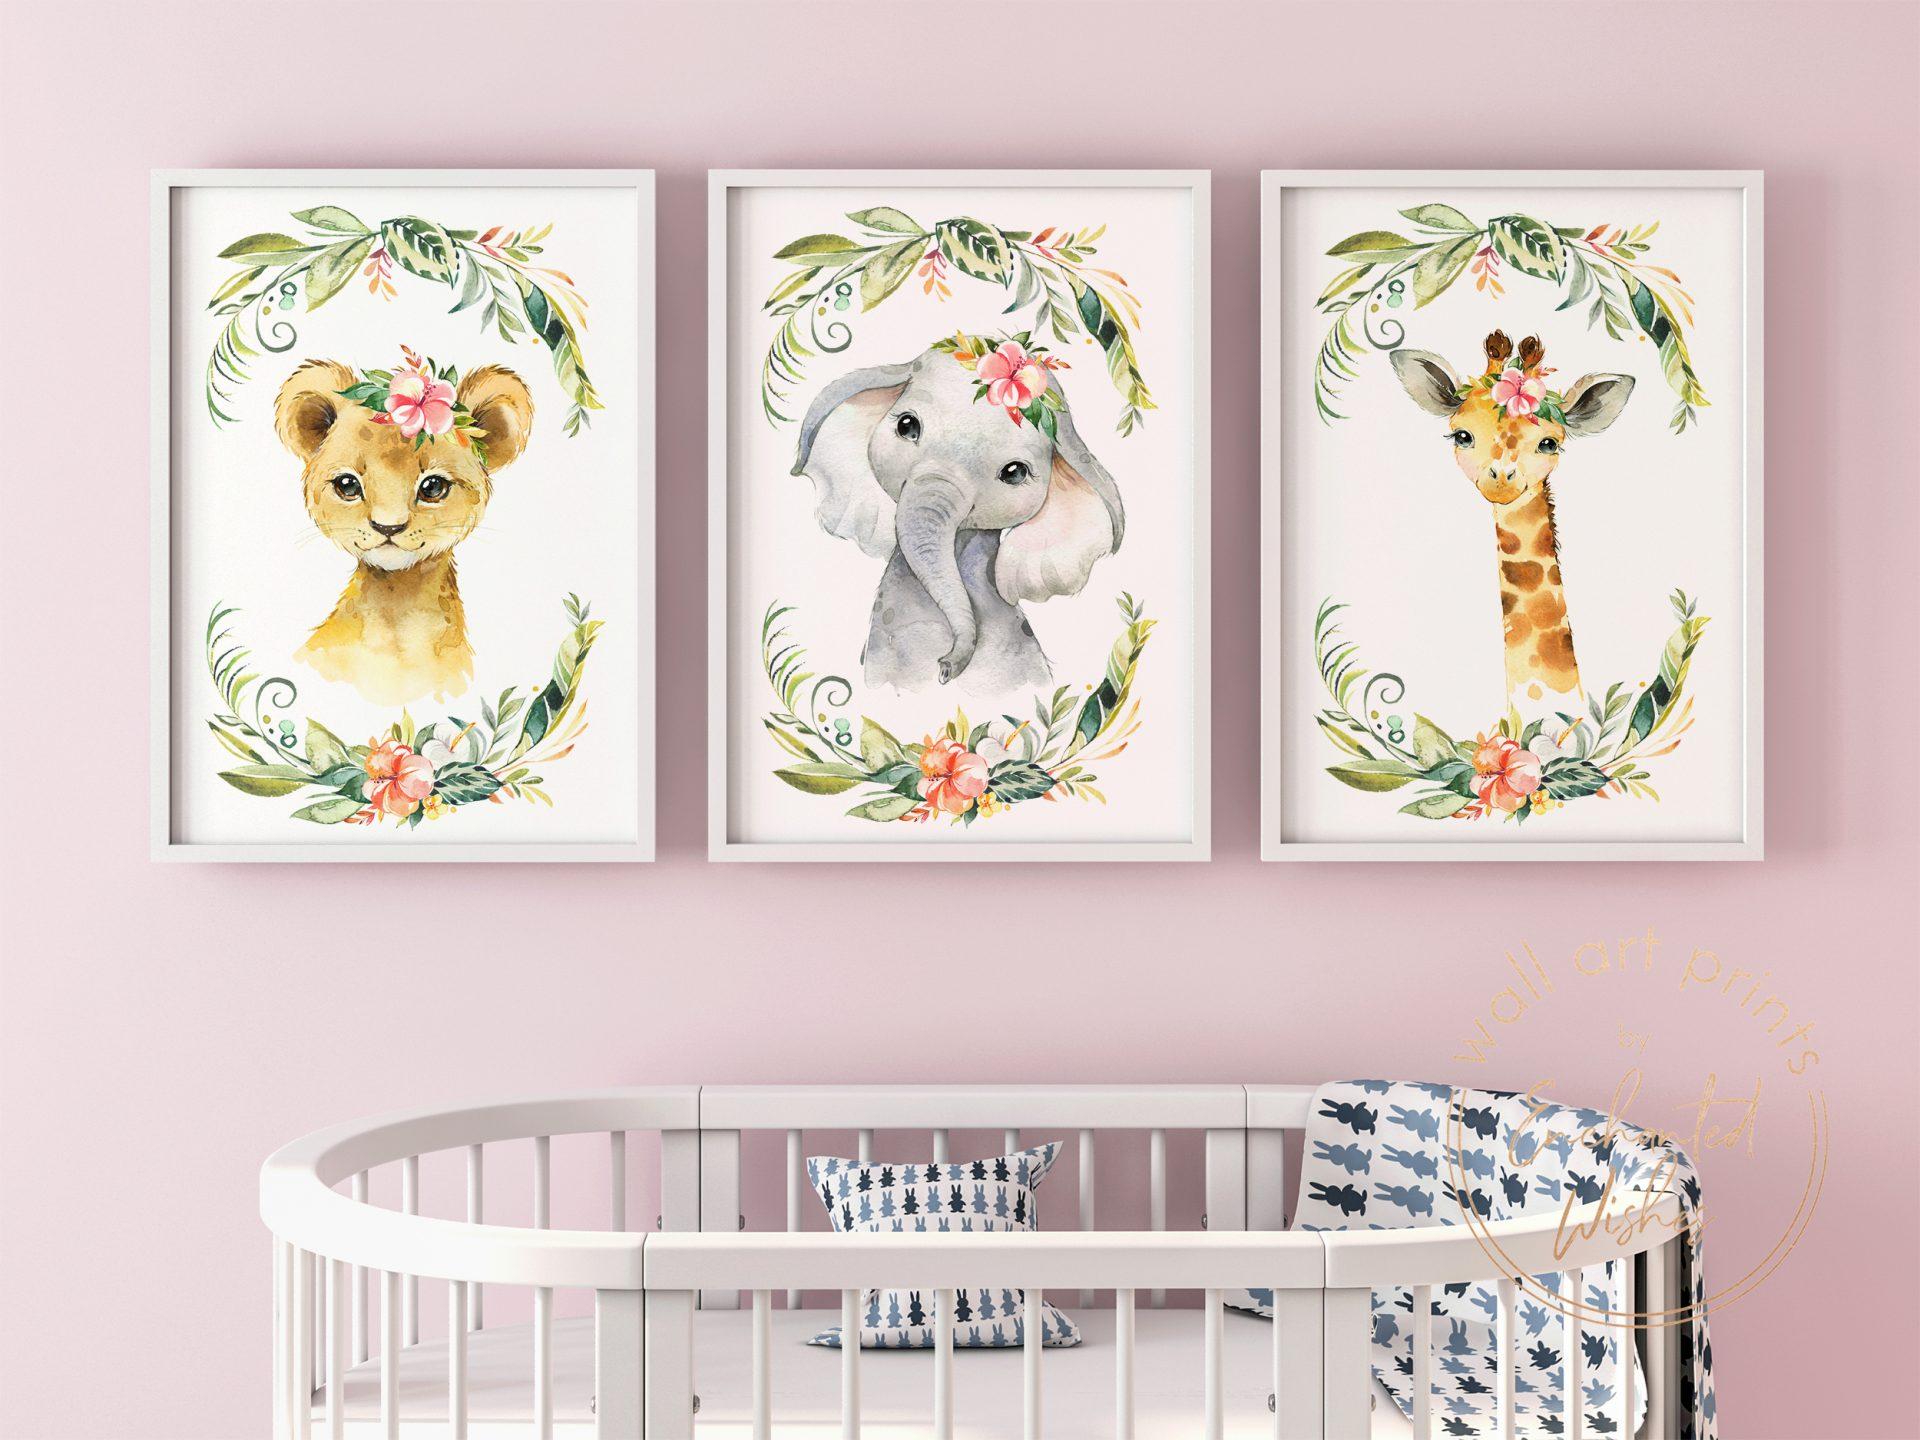 Floral safari animal nursery prints